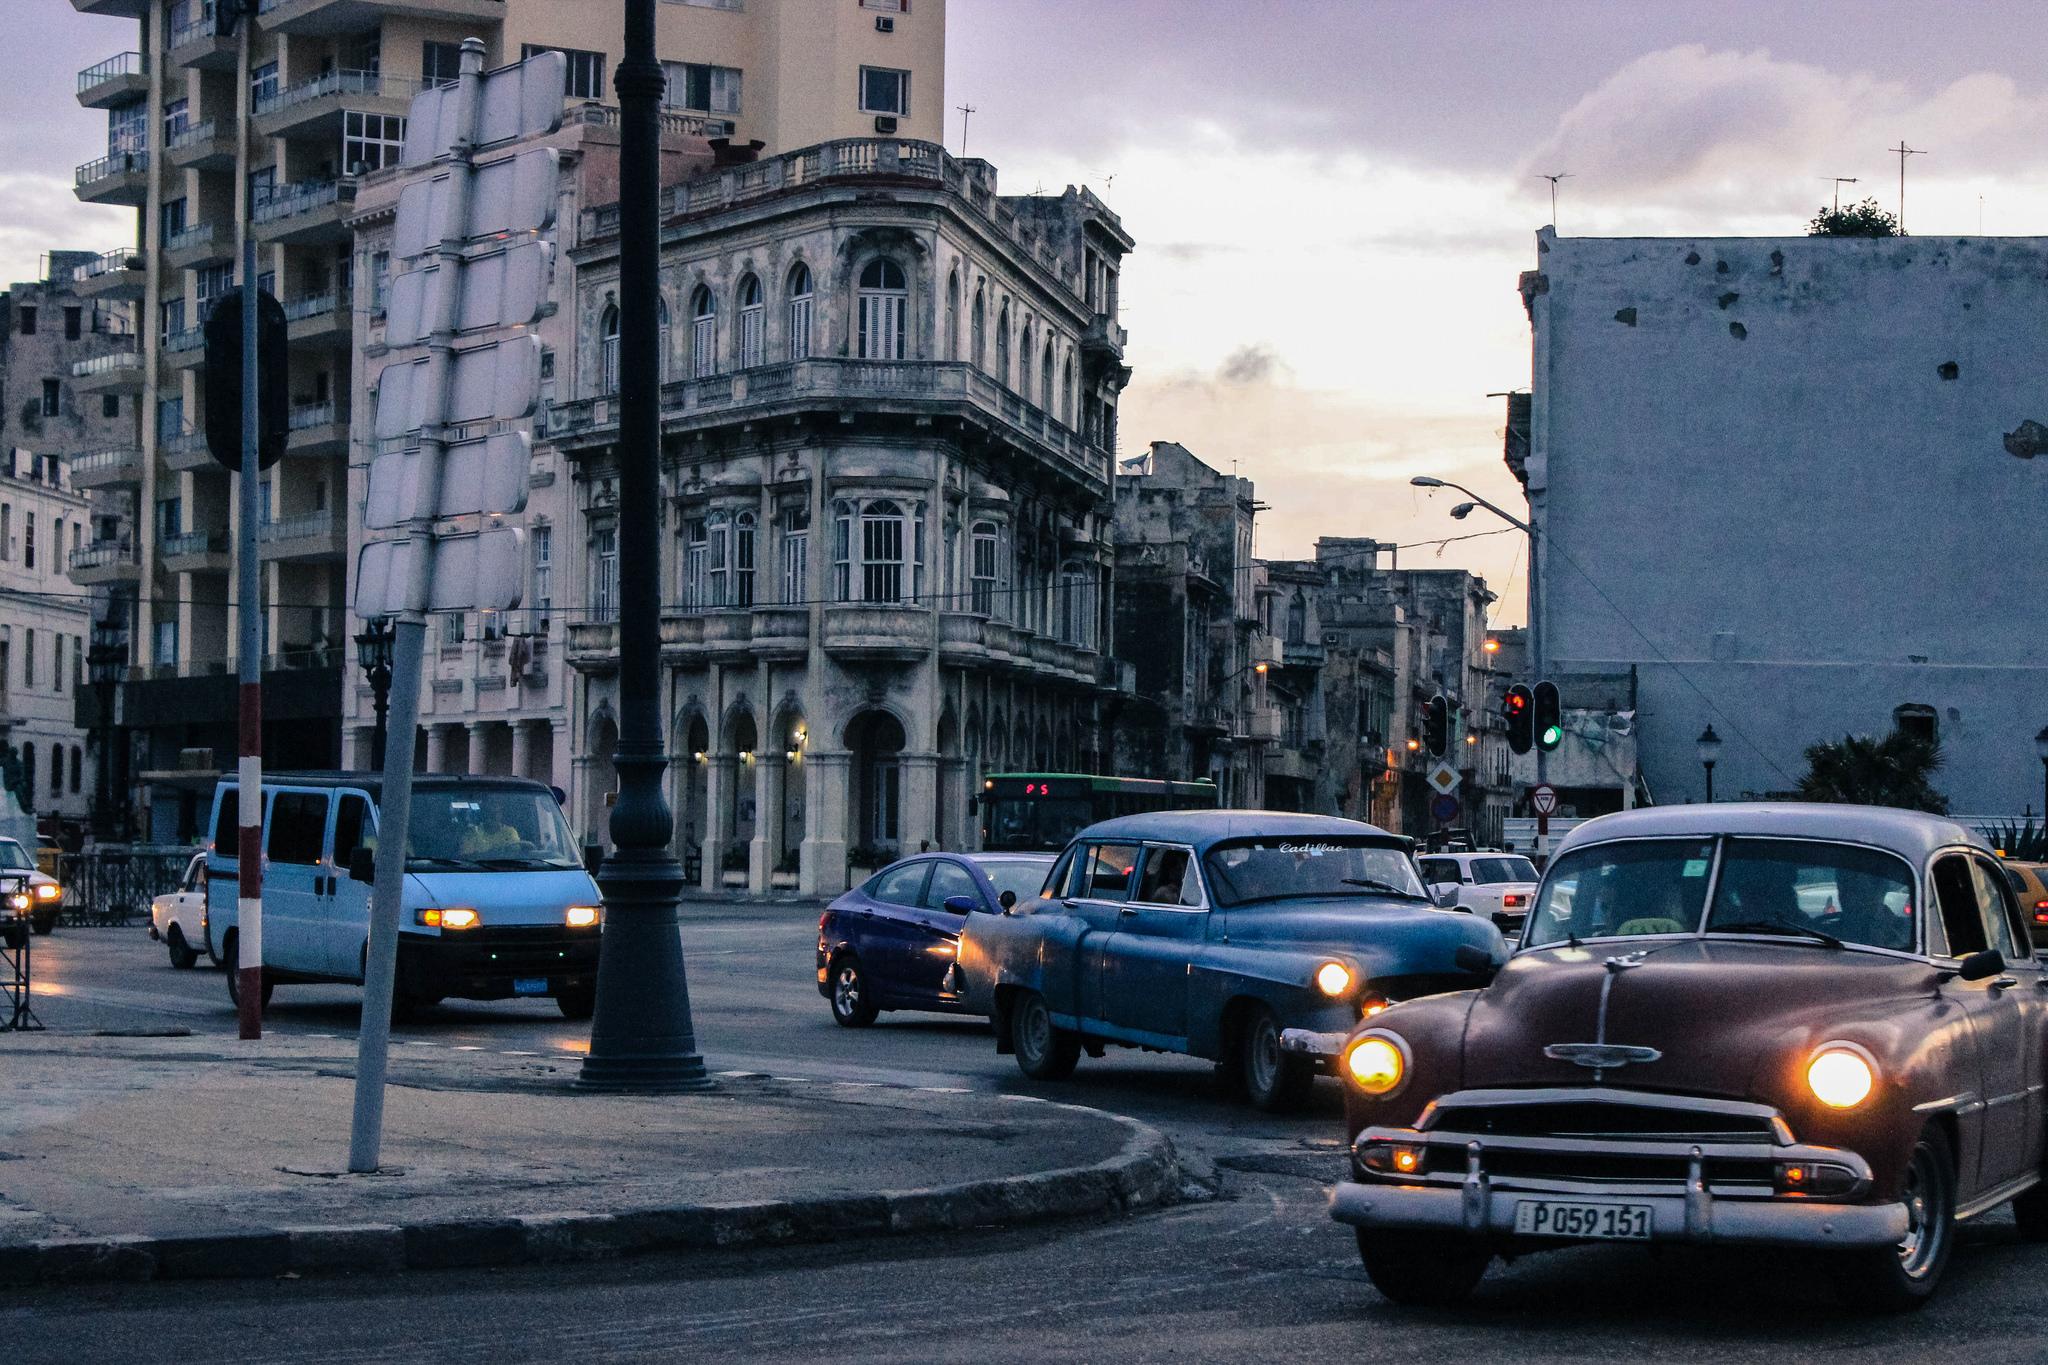 Carros ao entardecer em Cuba. Foto: rafaelcfh @ Flickr